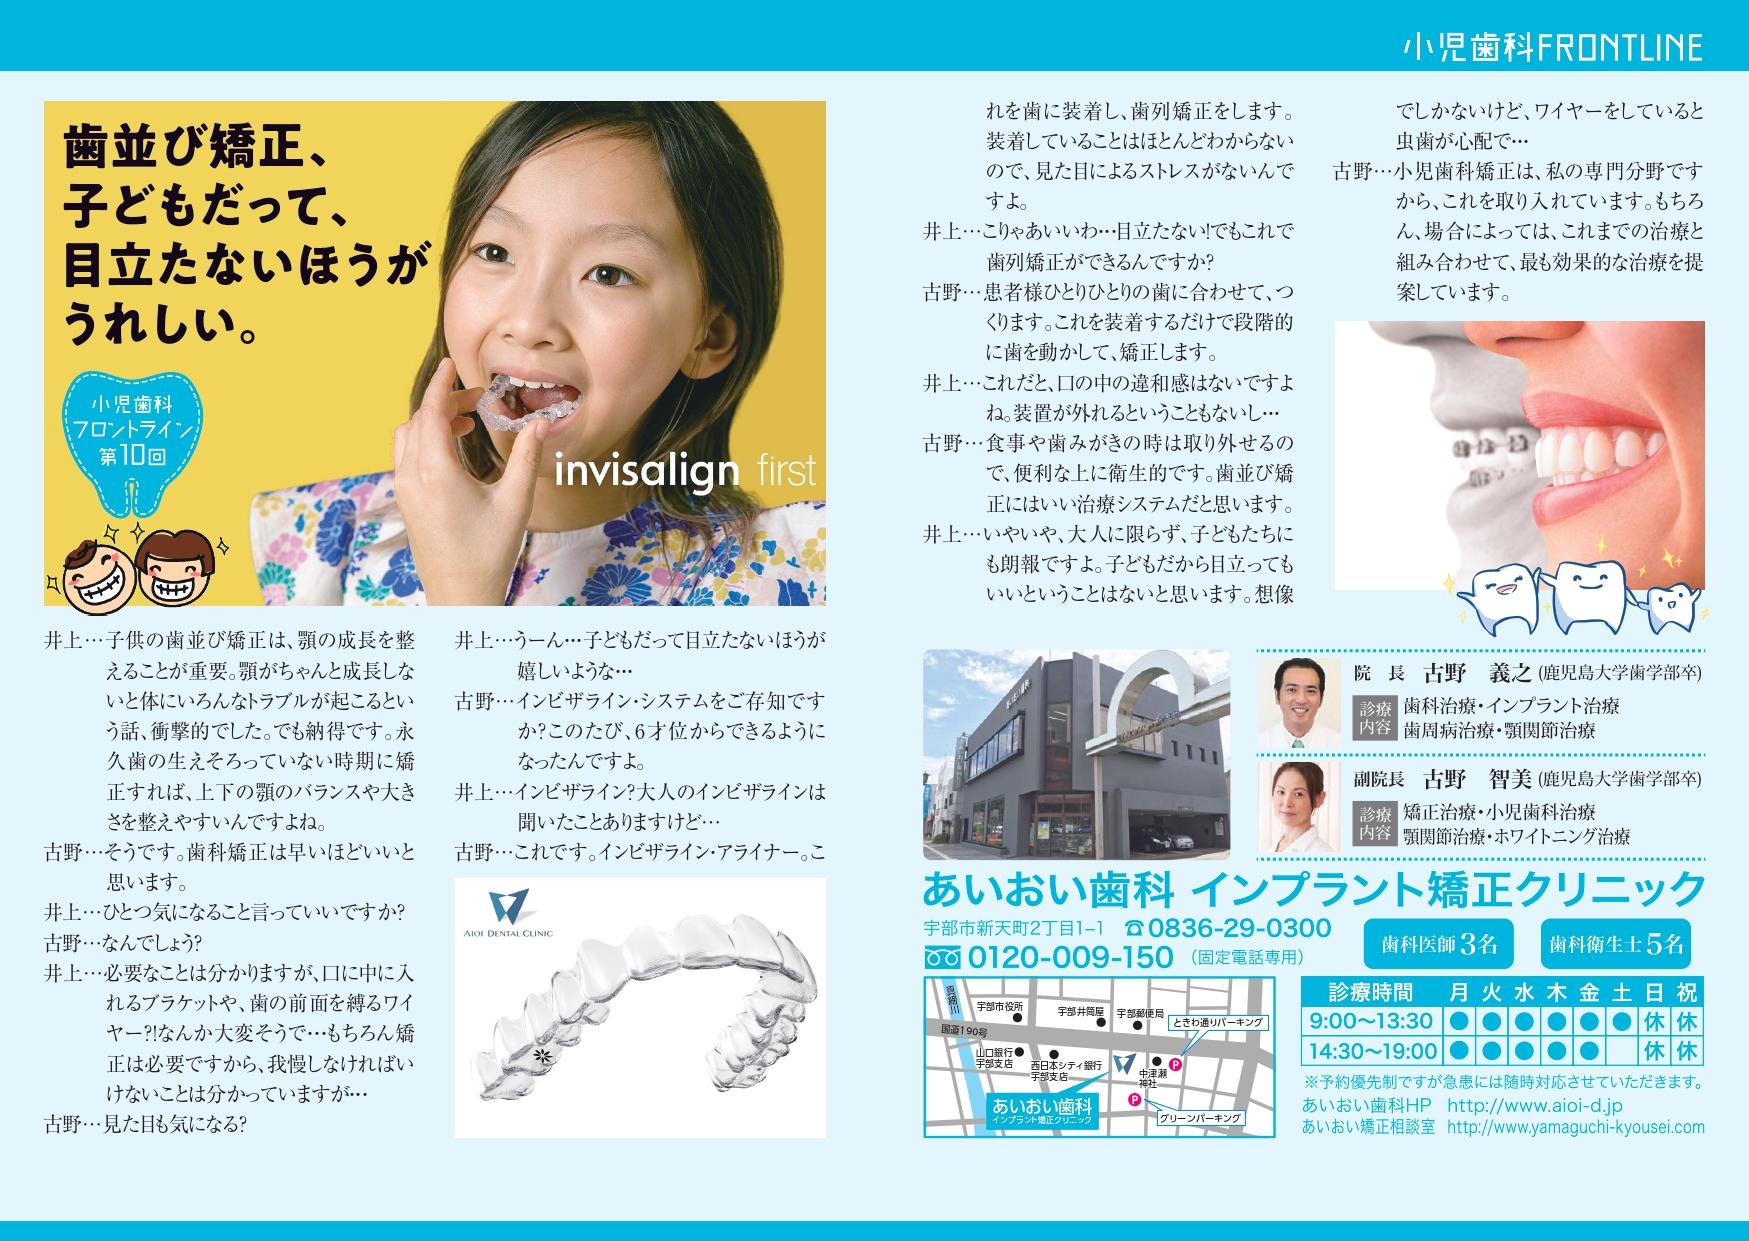 7月あいおい歯科0619_2 (002)_page-0001 (1)